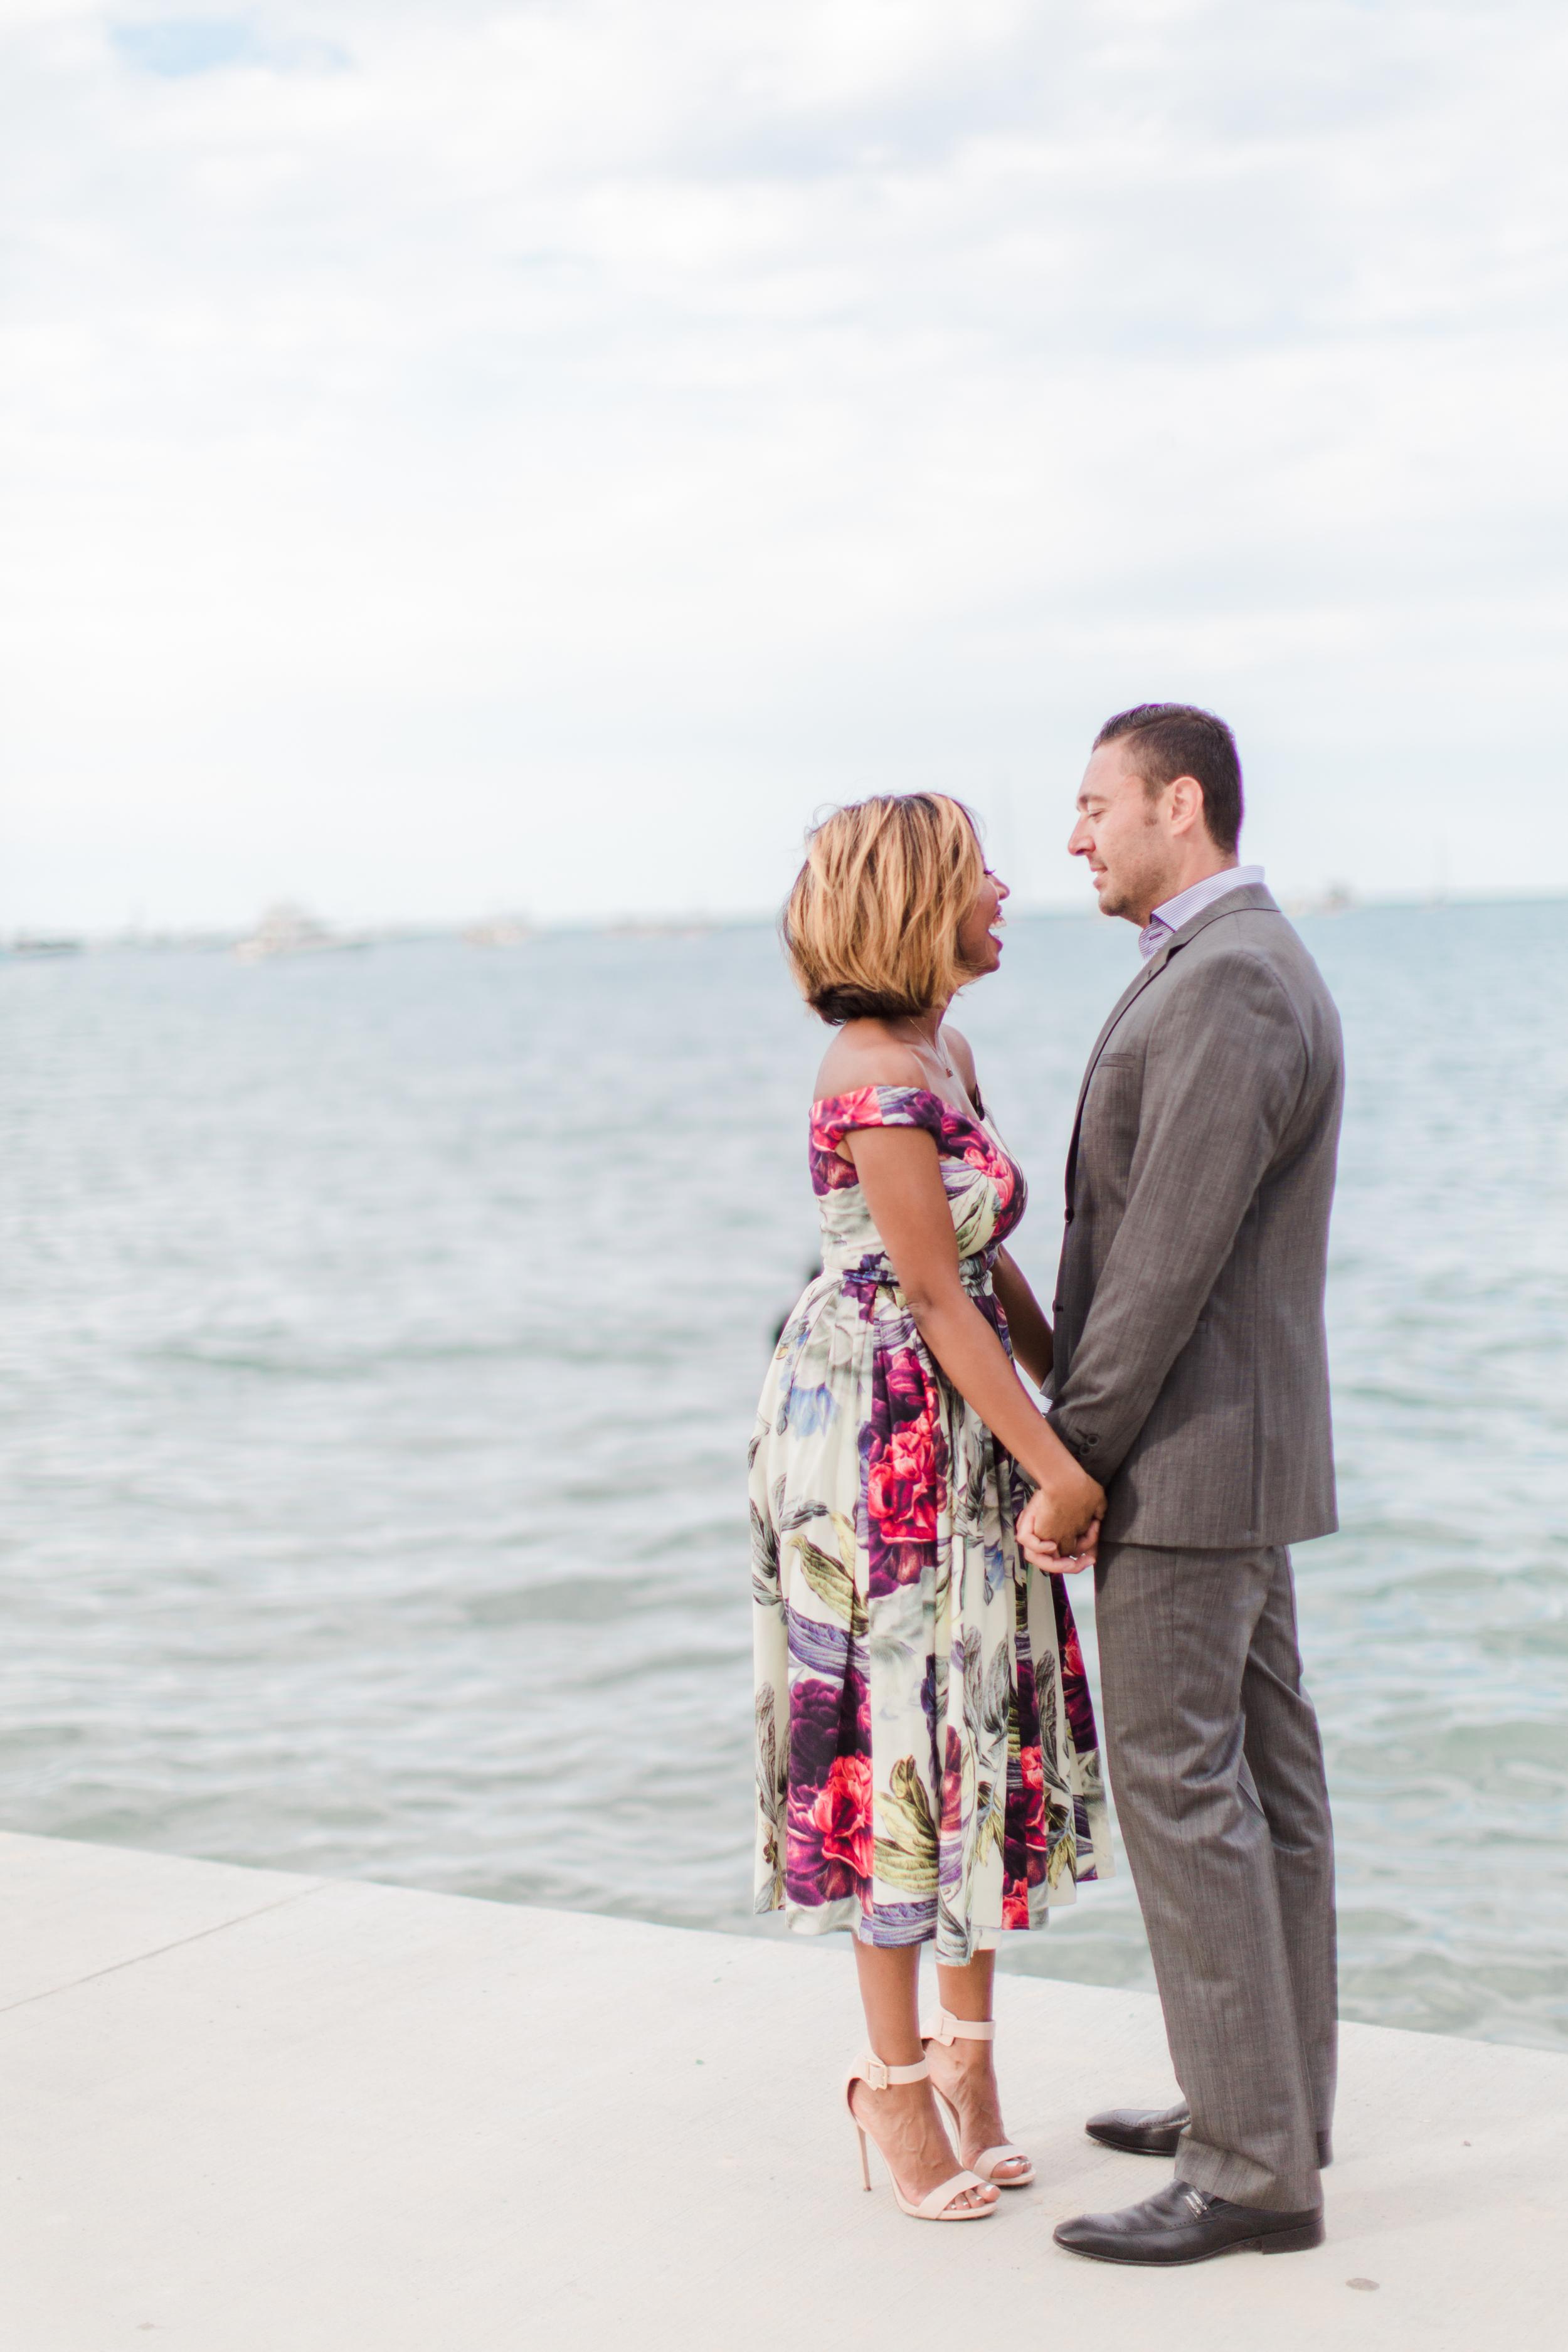 Bonphotage Wedding and Engagement Photography